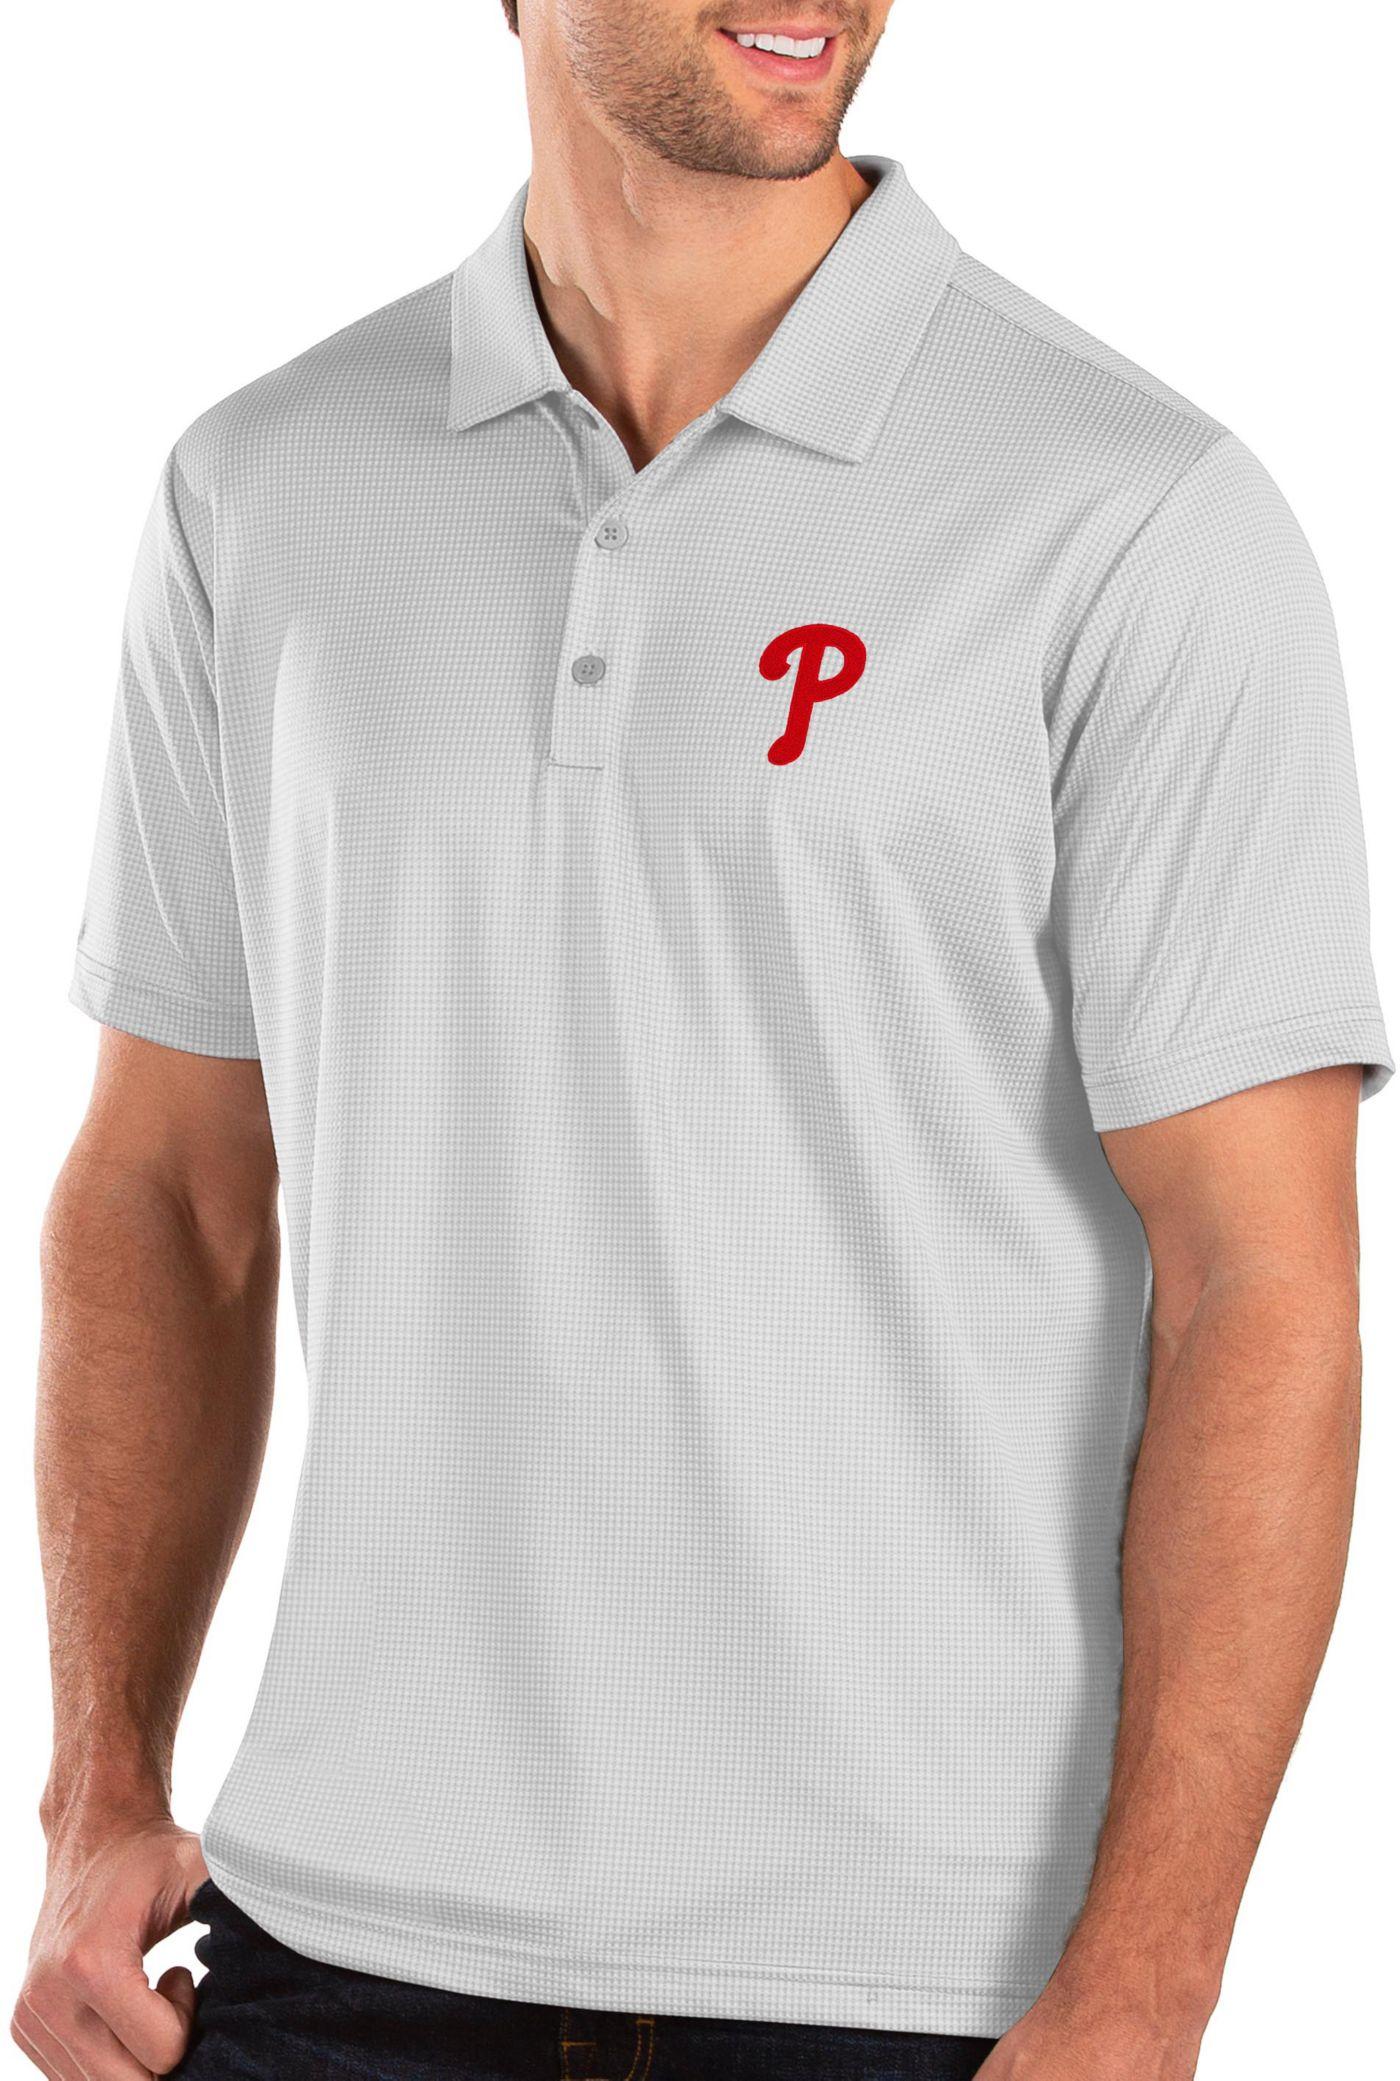 Antigua Men's Philadelphia Phillies White Balance Polo